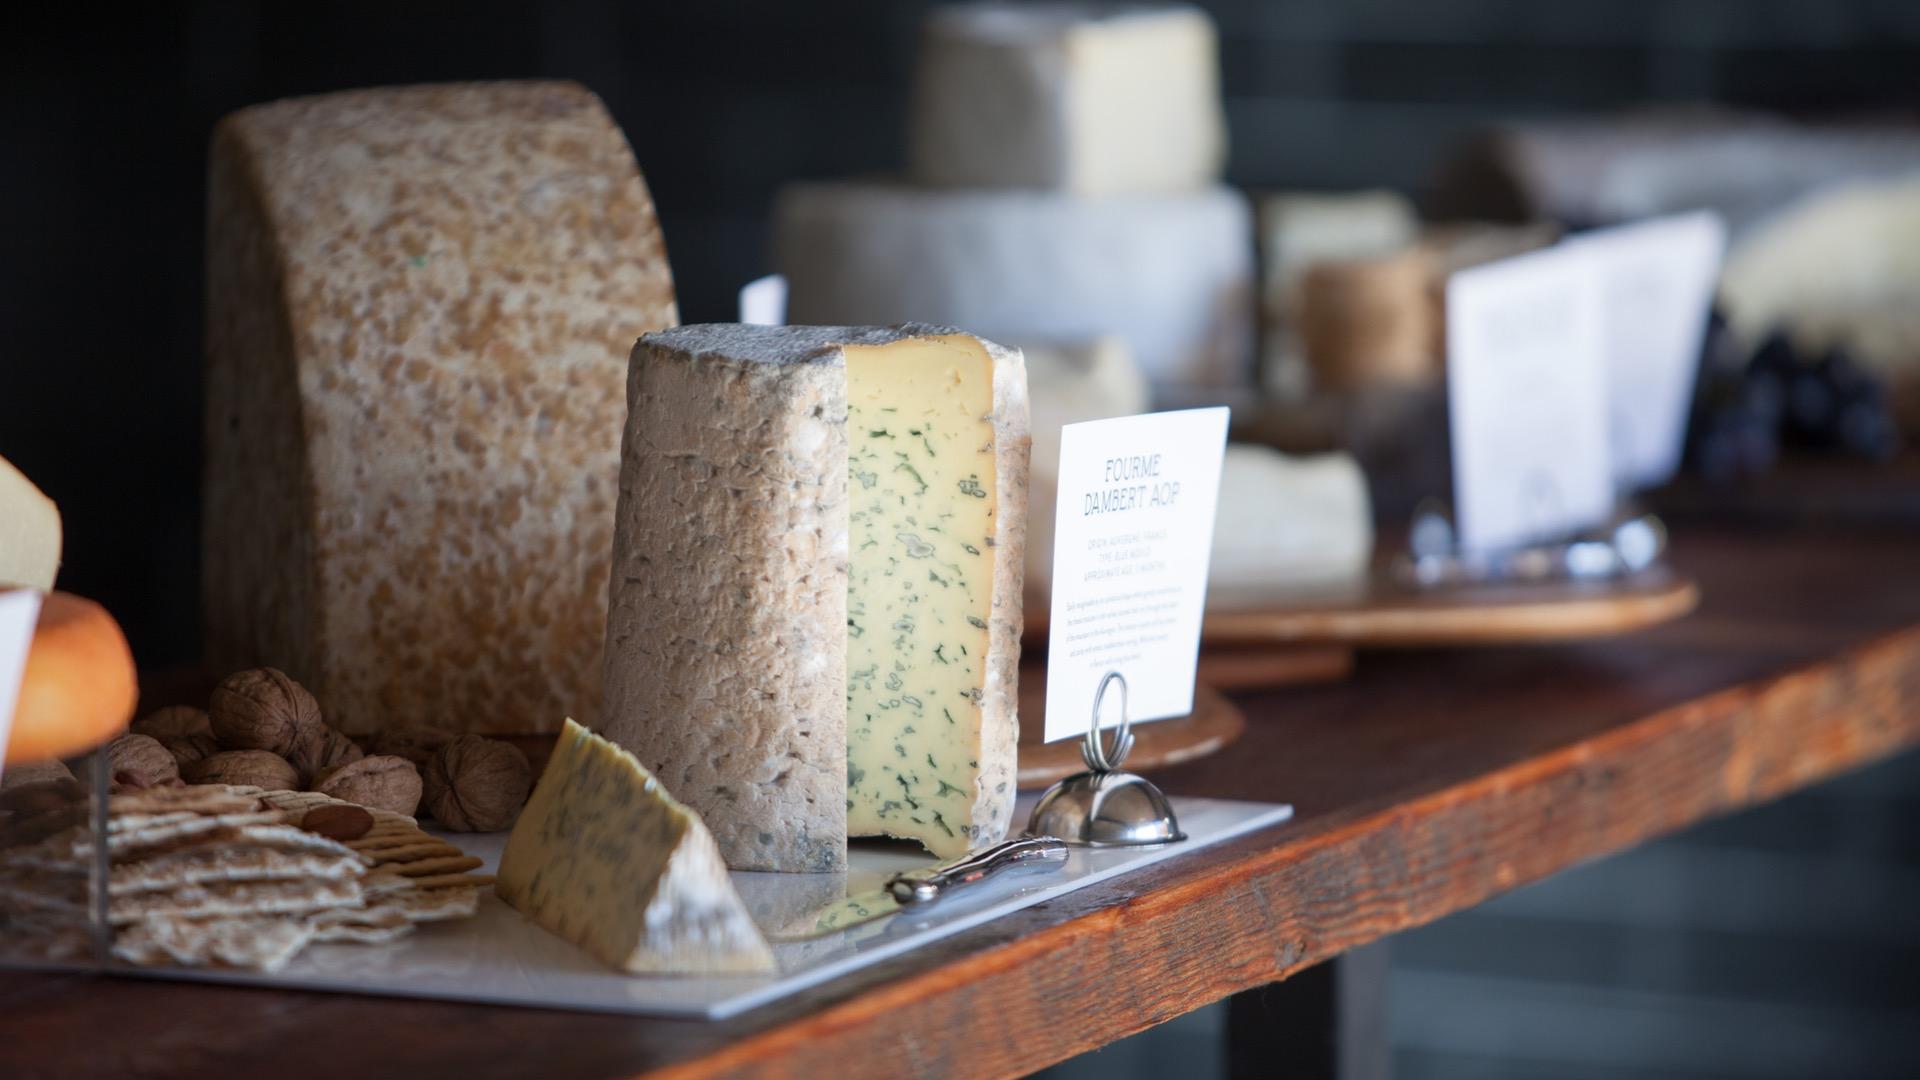 Bon Fromage cheese festival Melbourne supplied 02 - Những sự kiện trong tuần này để có buổi hẹn hò ấn tượng tại Sydney